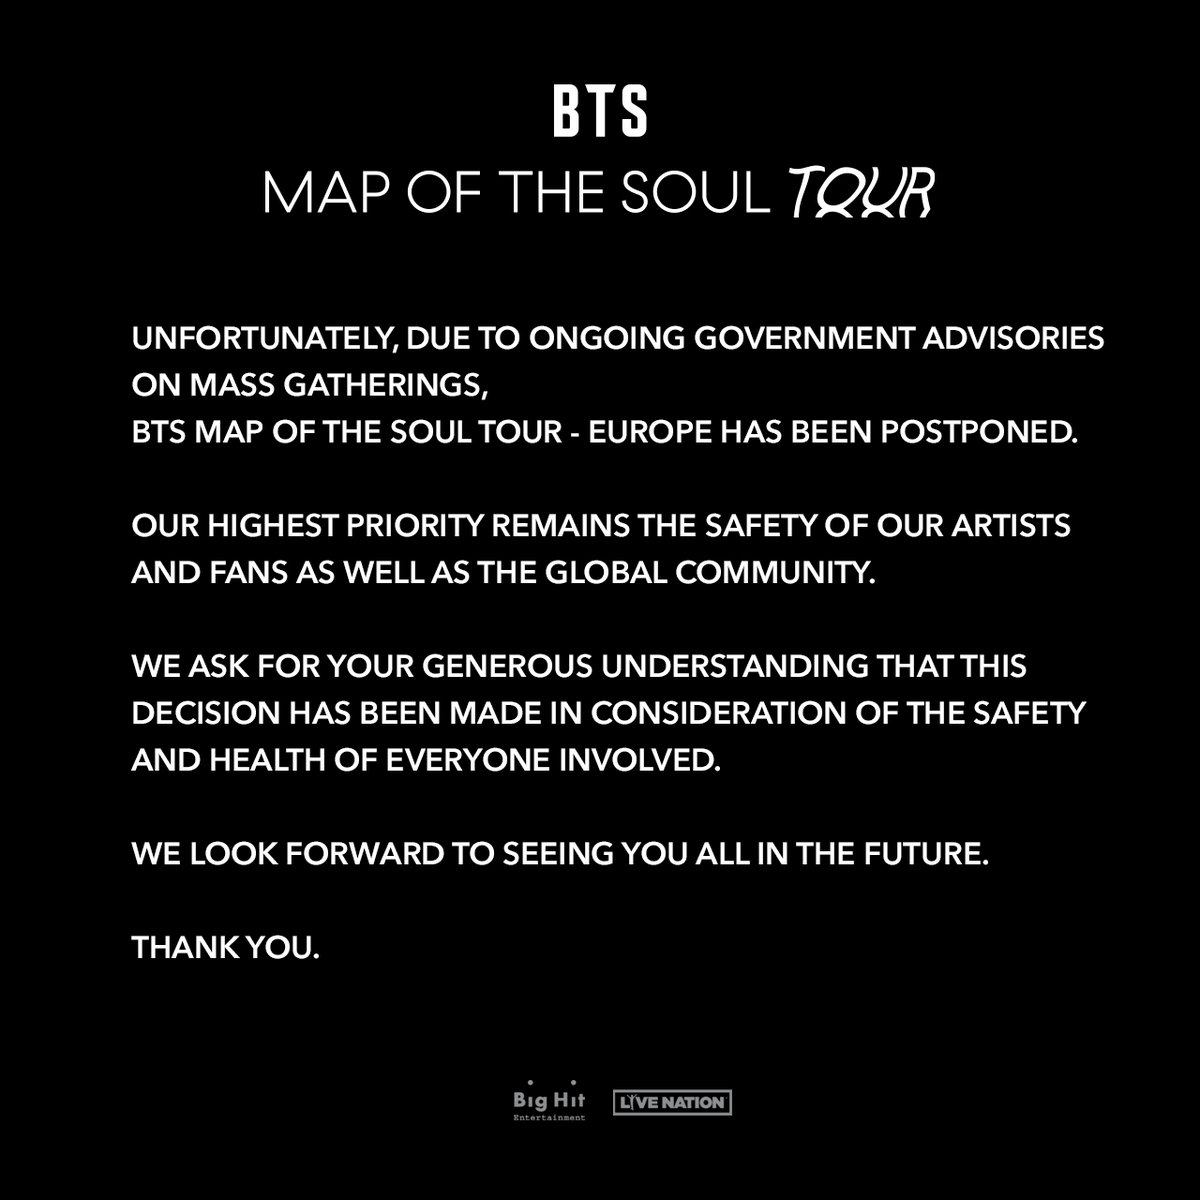 Een aankondiging met betrekking tot BTS MAP OF THE SOUL TOUR: Europese tour en voorverkoop uitgesteld.   An announcement regarding BTS MAP OF THE SOUL TOUR: European tour and on sale postponed.  Info: https://t.co/Kl7TO1CgBQ https://t.co/WAVoch4YHc